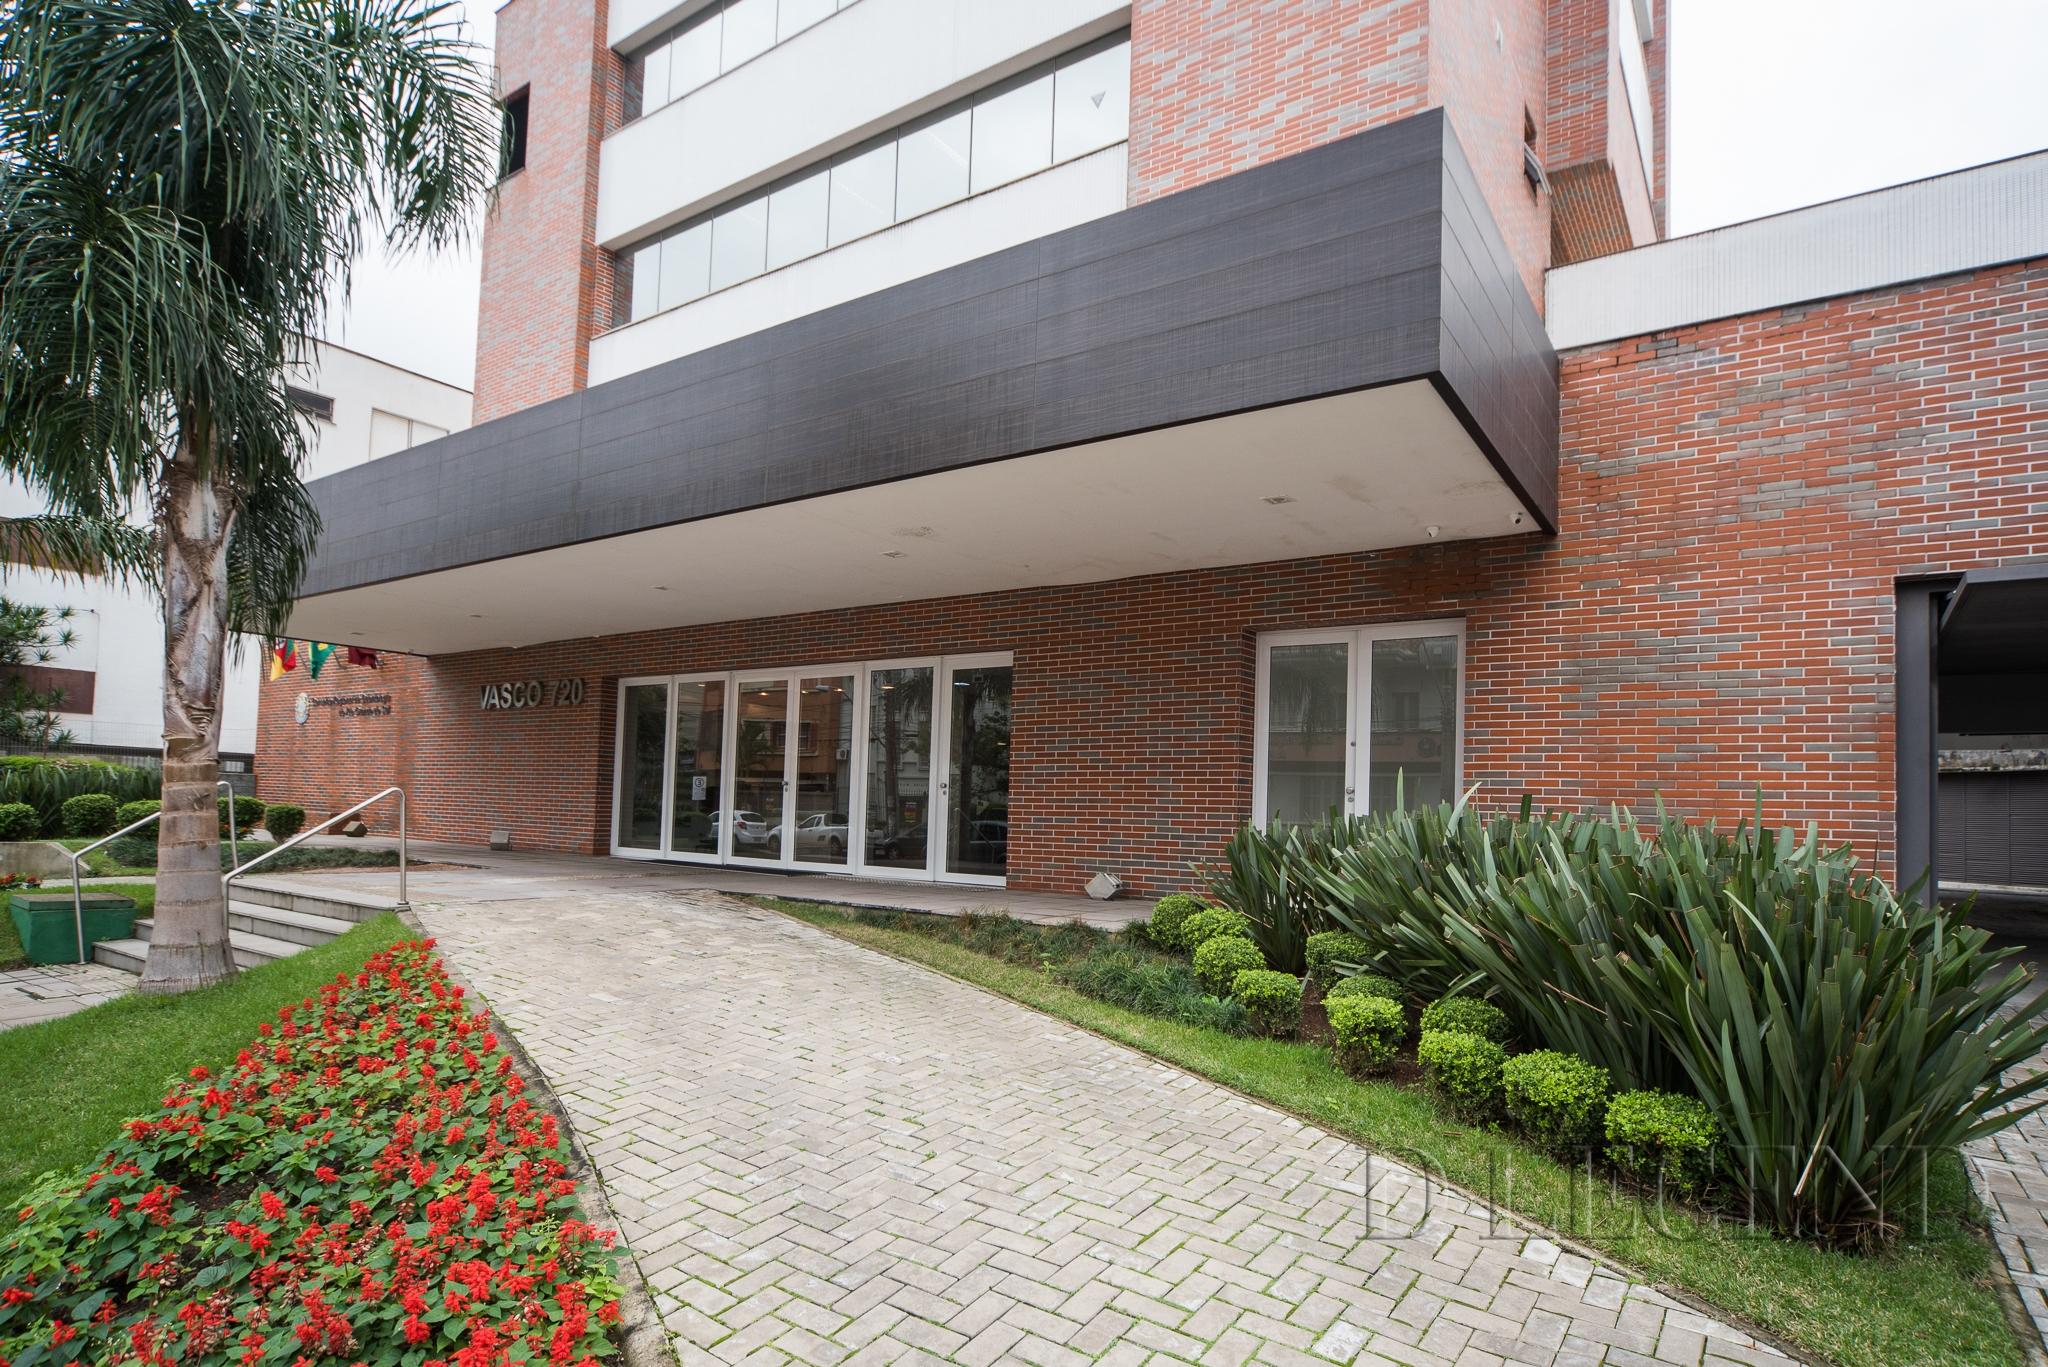 Vasco 720 Loja ATRATIVA PARA SEUS CLIENTES - Rua Vasco da Gama, 726 - Bom Fim - Porto Alegre